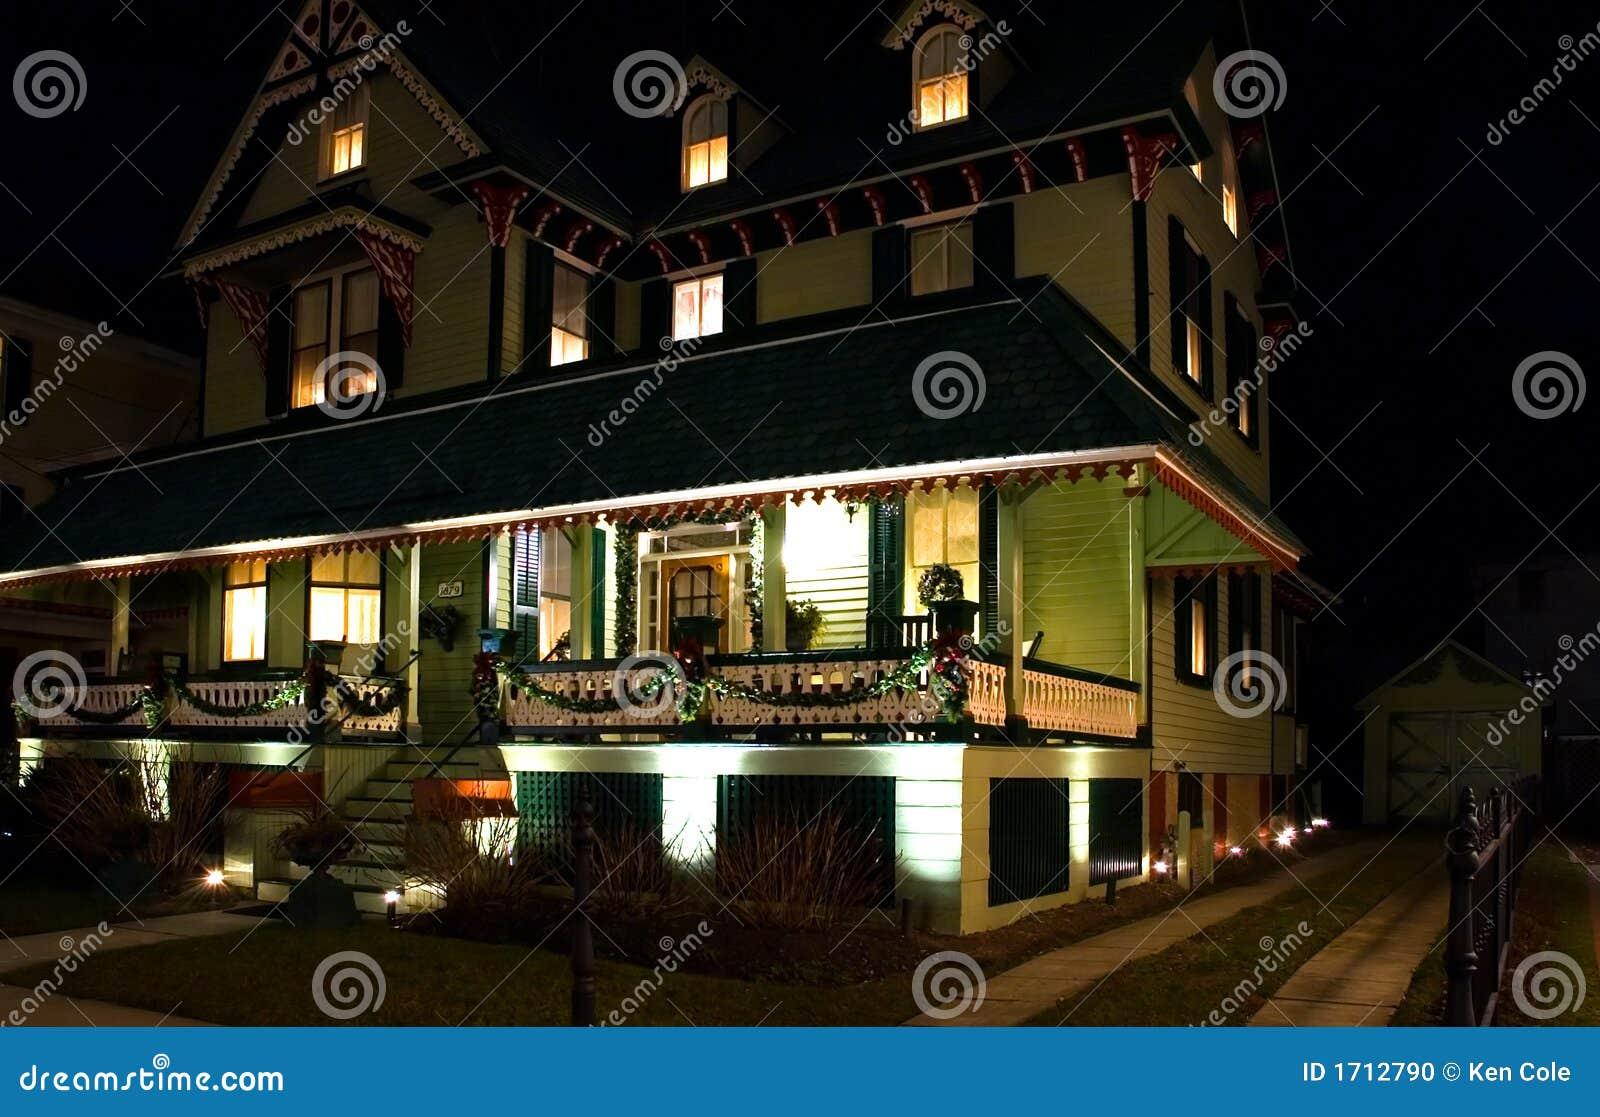 Viktorianisches haus nachts stockfoto bild 1712790 for Viktorianisches haus